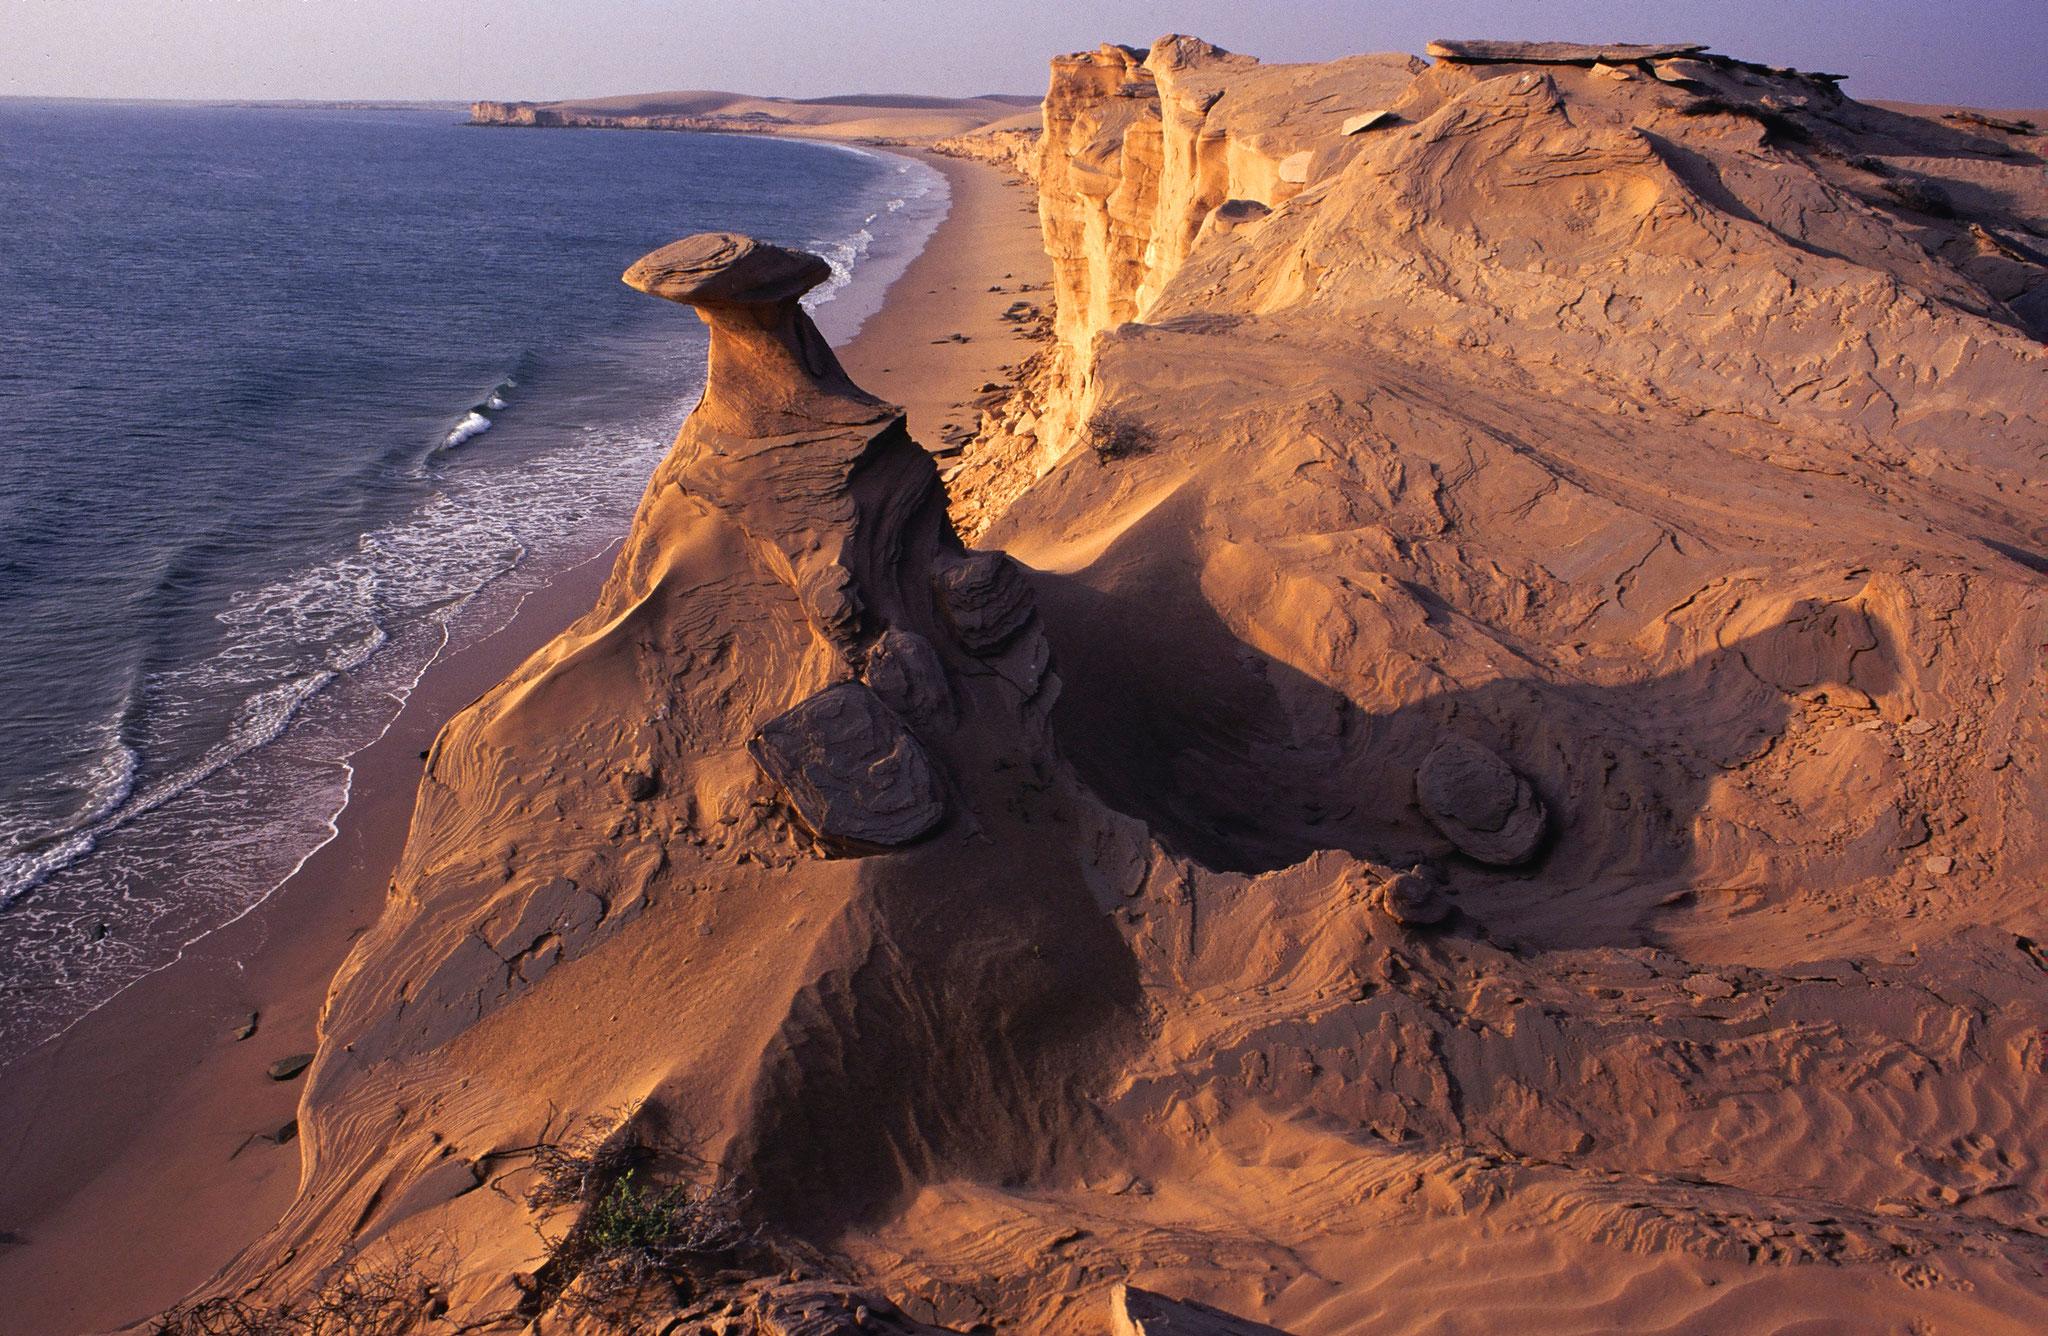 Imposante Erosionsformen in der Wüste